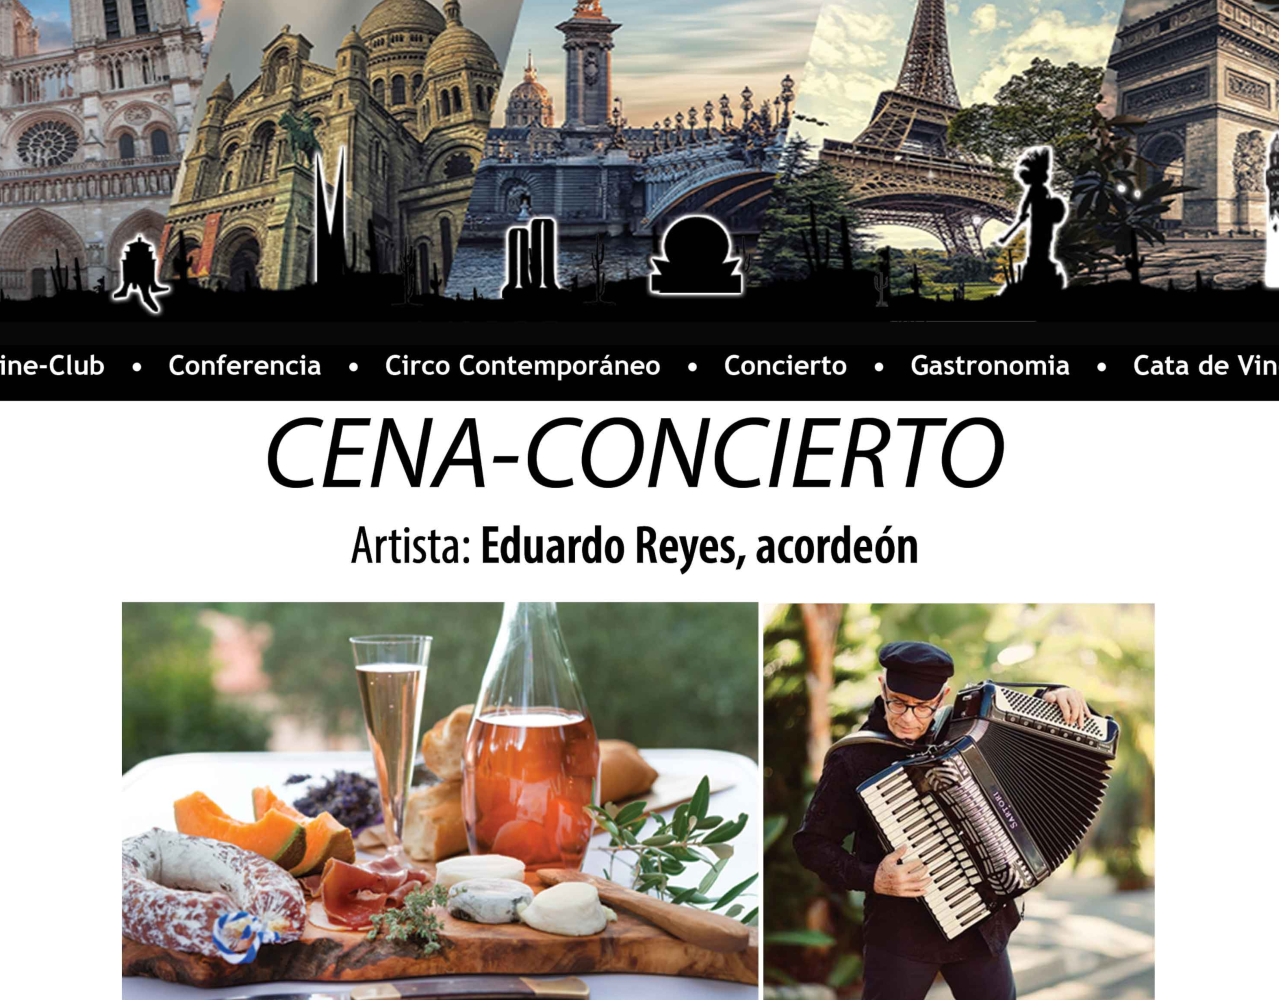 Cena-Concierto